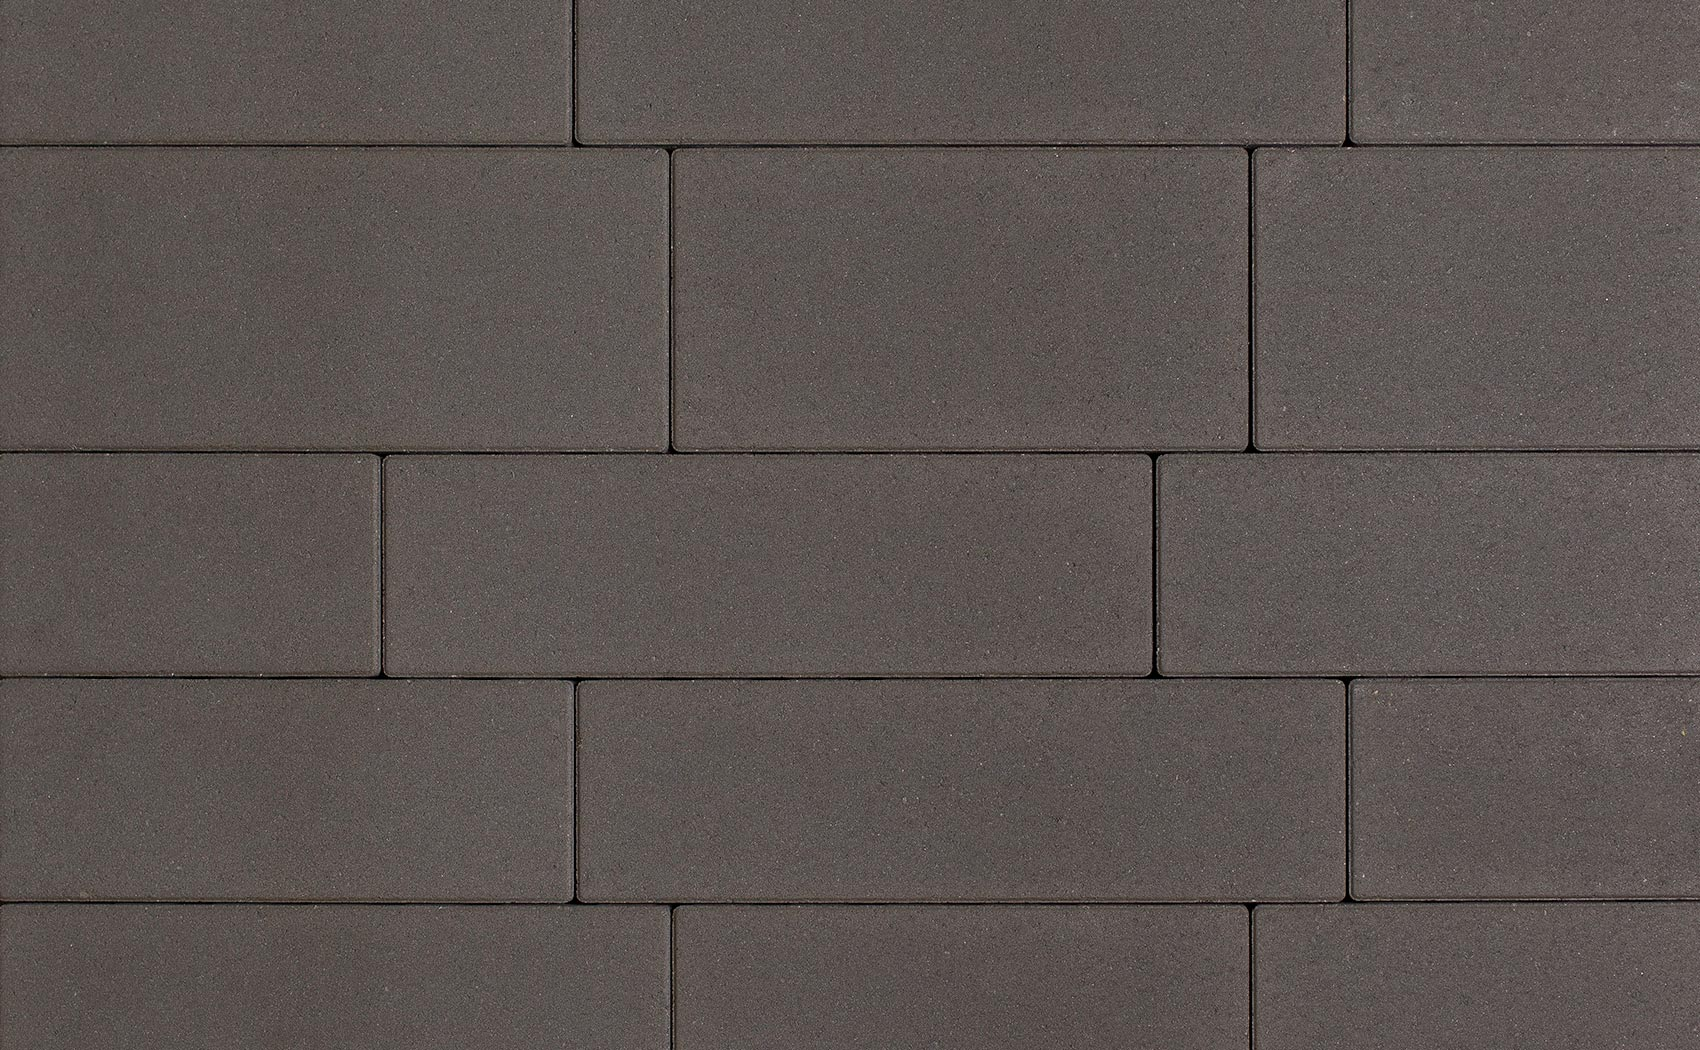 Produktfotos von modernen Pflastersteinen der Firma Mutzel